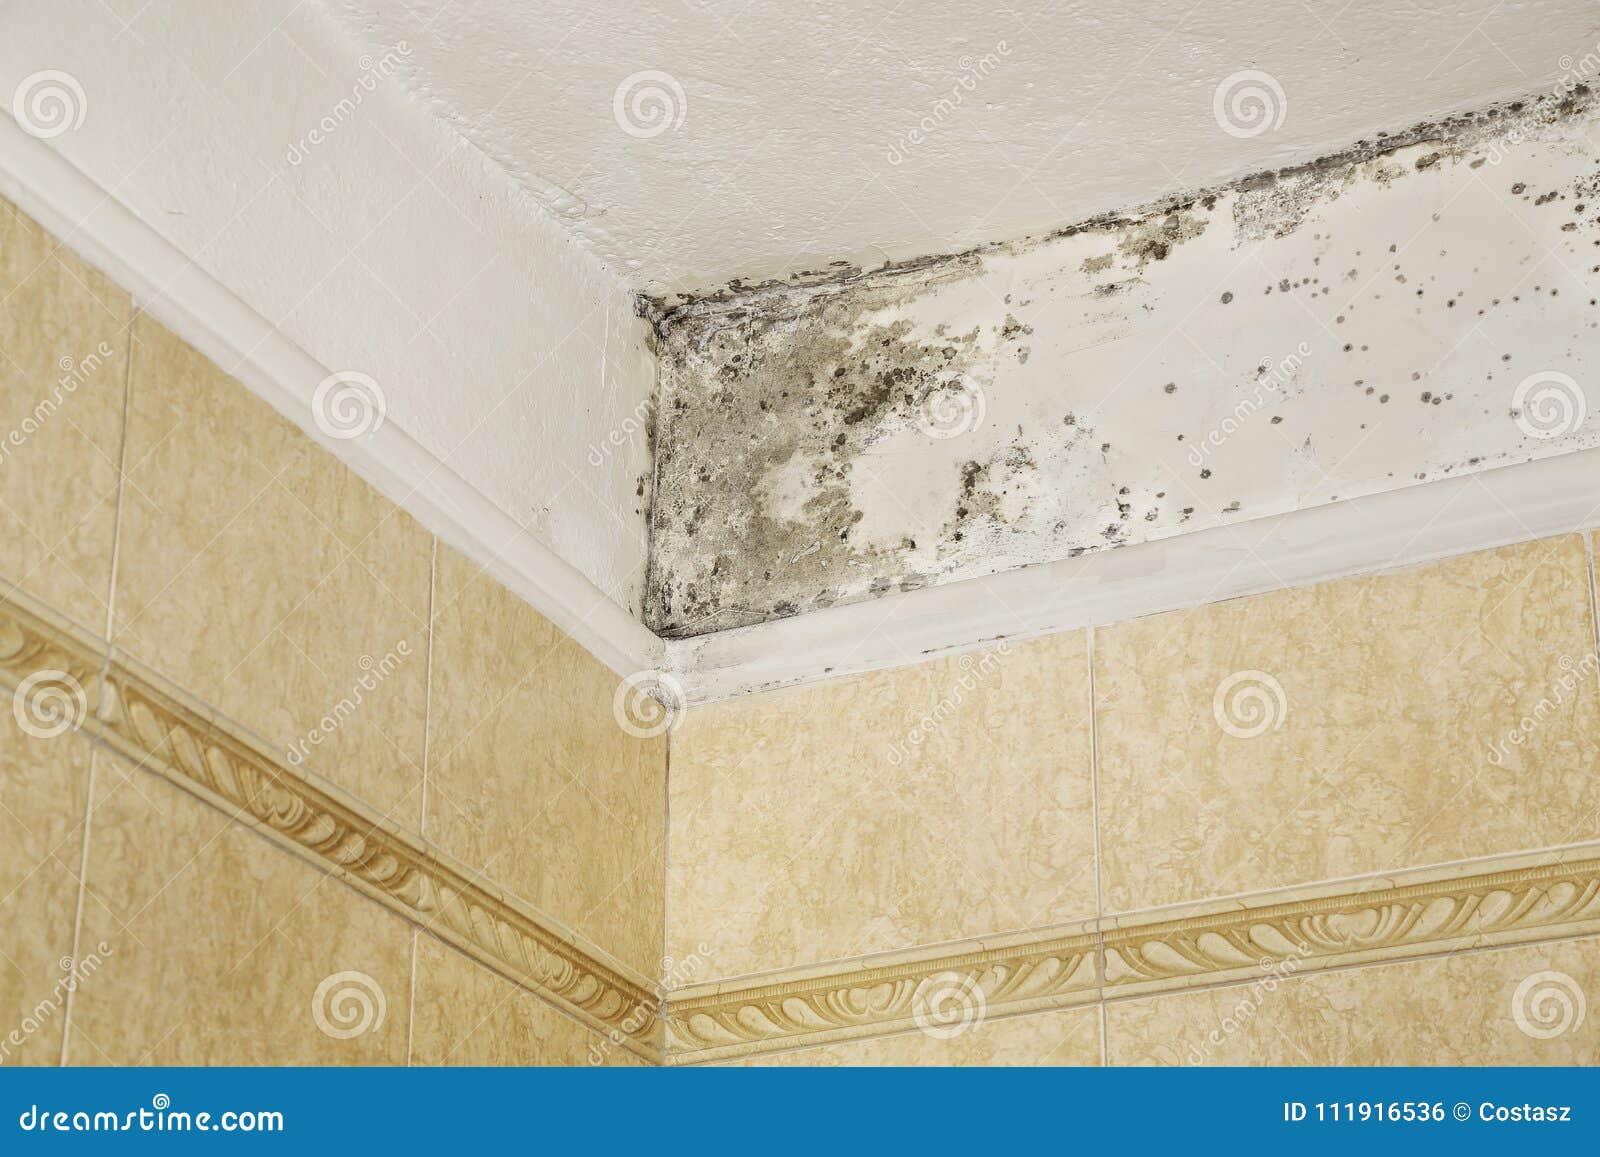 Muffa in bagno fotografia stock. Immagine di igiene - 111916536